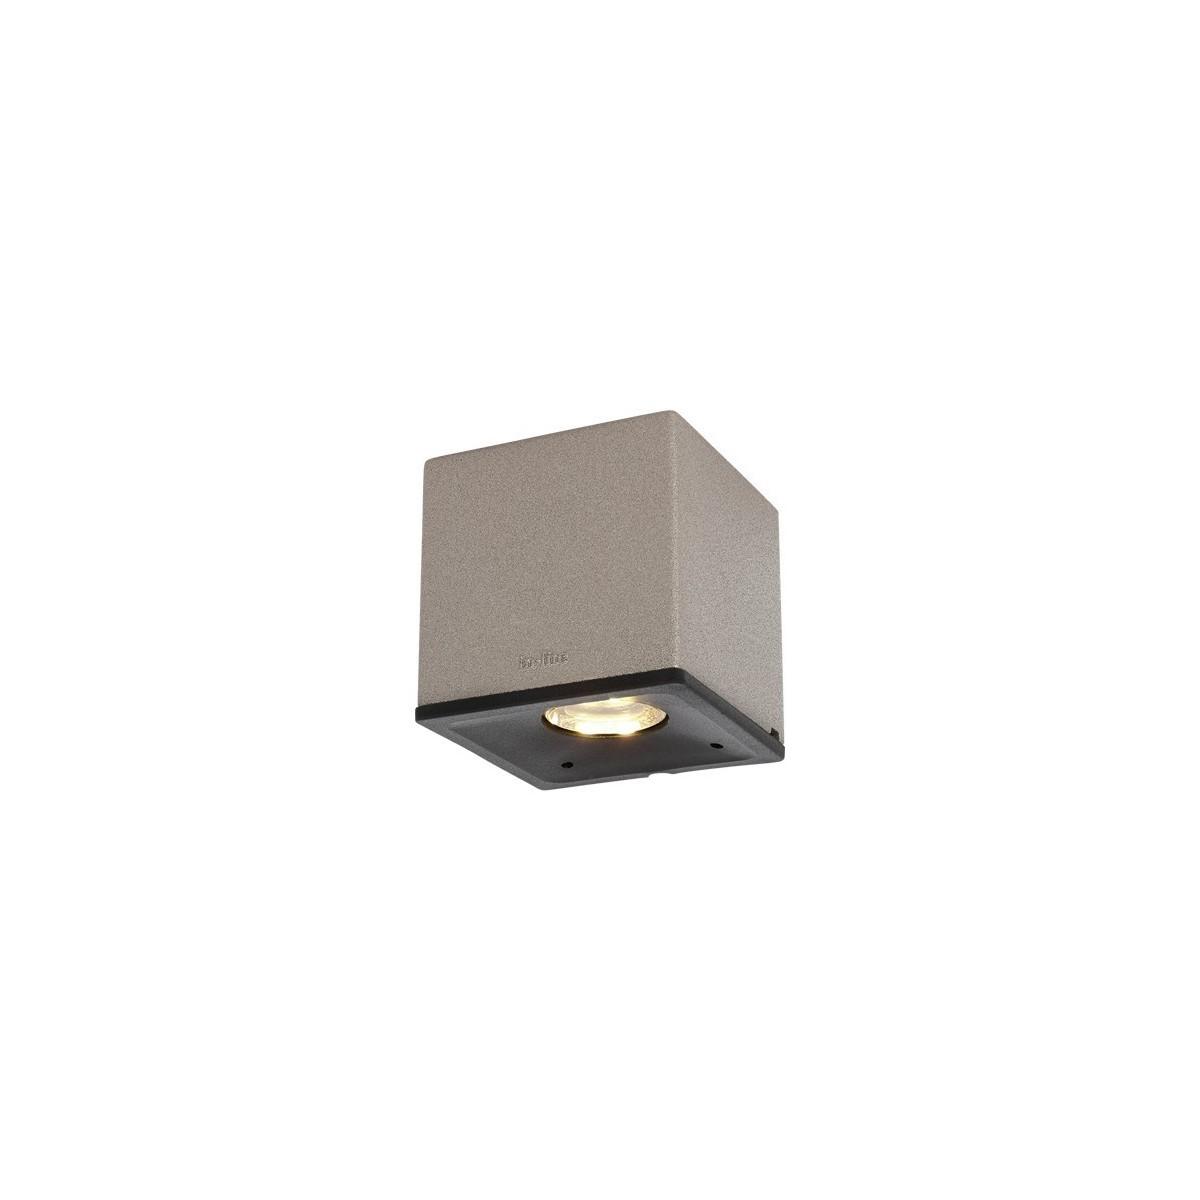 CUBID, LED 12 V / 0.5 W, wymiar 50 x 50 x 53mm. zasięg światła 1,0 m.